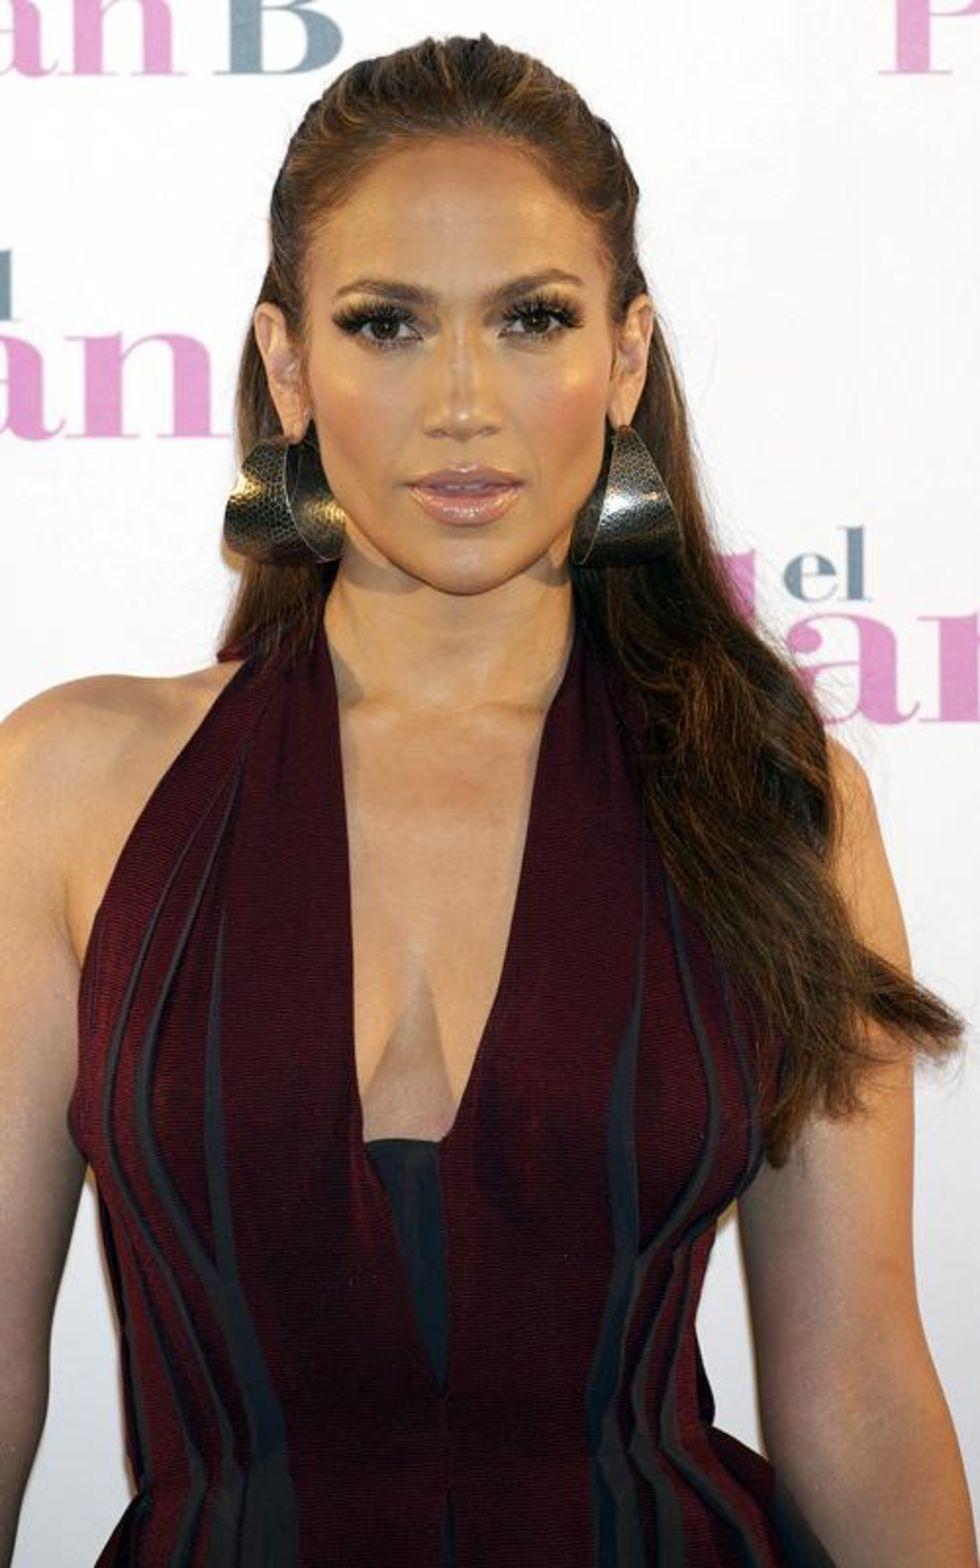 Jennifer Lopez 2010 : jennifer-lopez-candids-in-spain-05